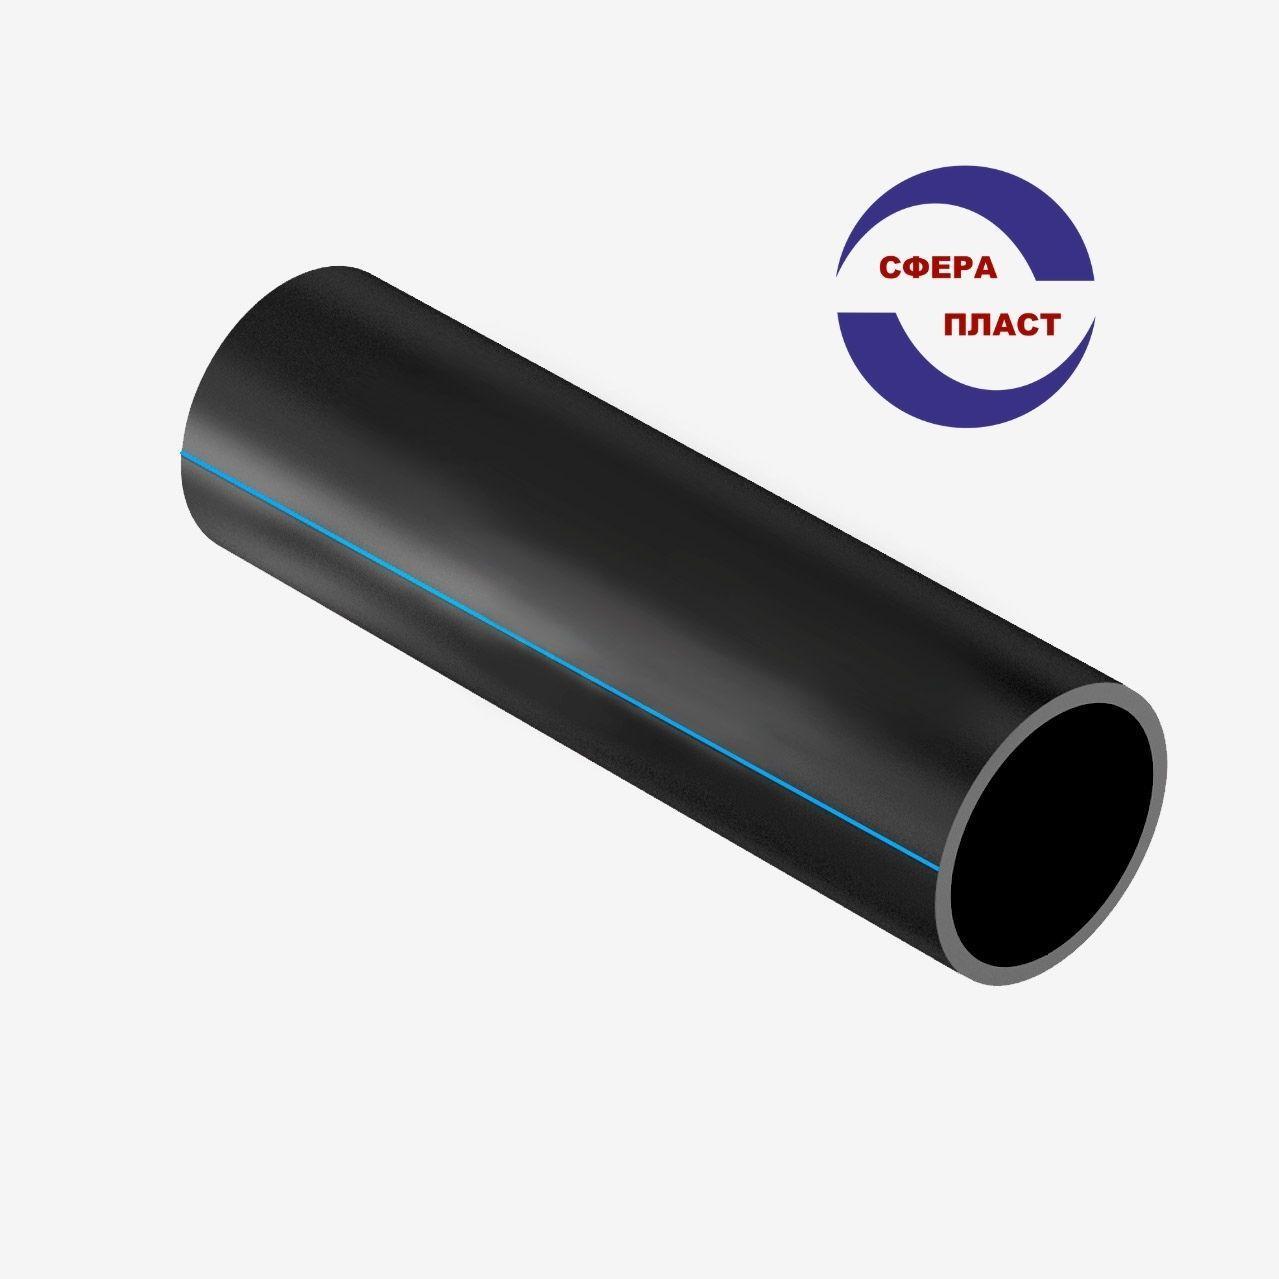 Труба Ду-250x22,7 SDR11 (16 атм) полиэтиленовая ПЭ-100